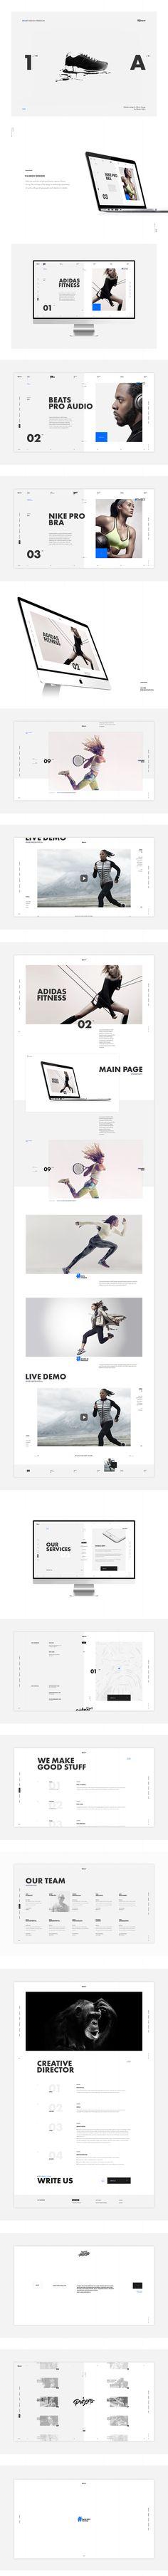 Klimov Design. Вебсайт + мобильная версия в стеке, Сайт © ЛёшаЮрков